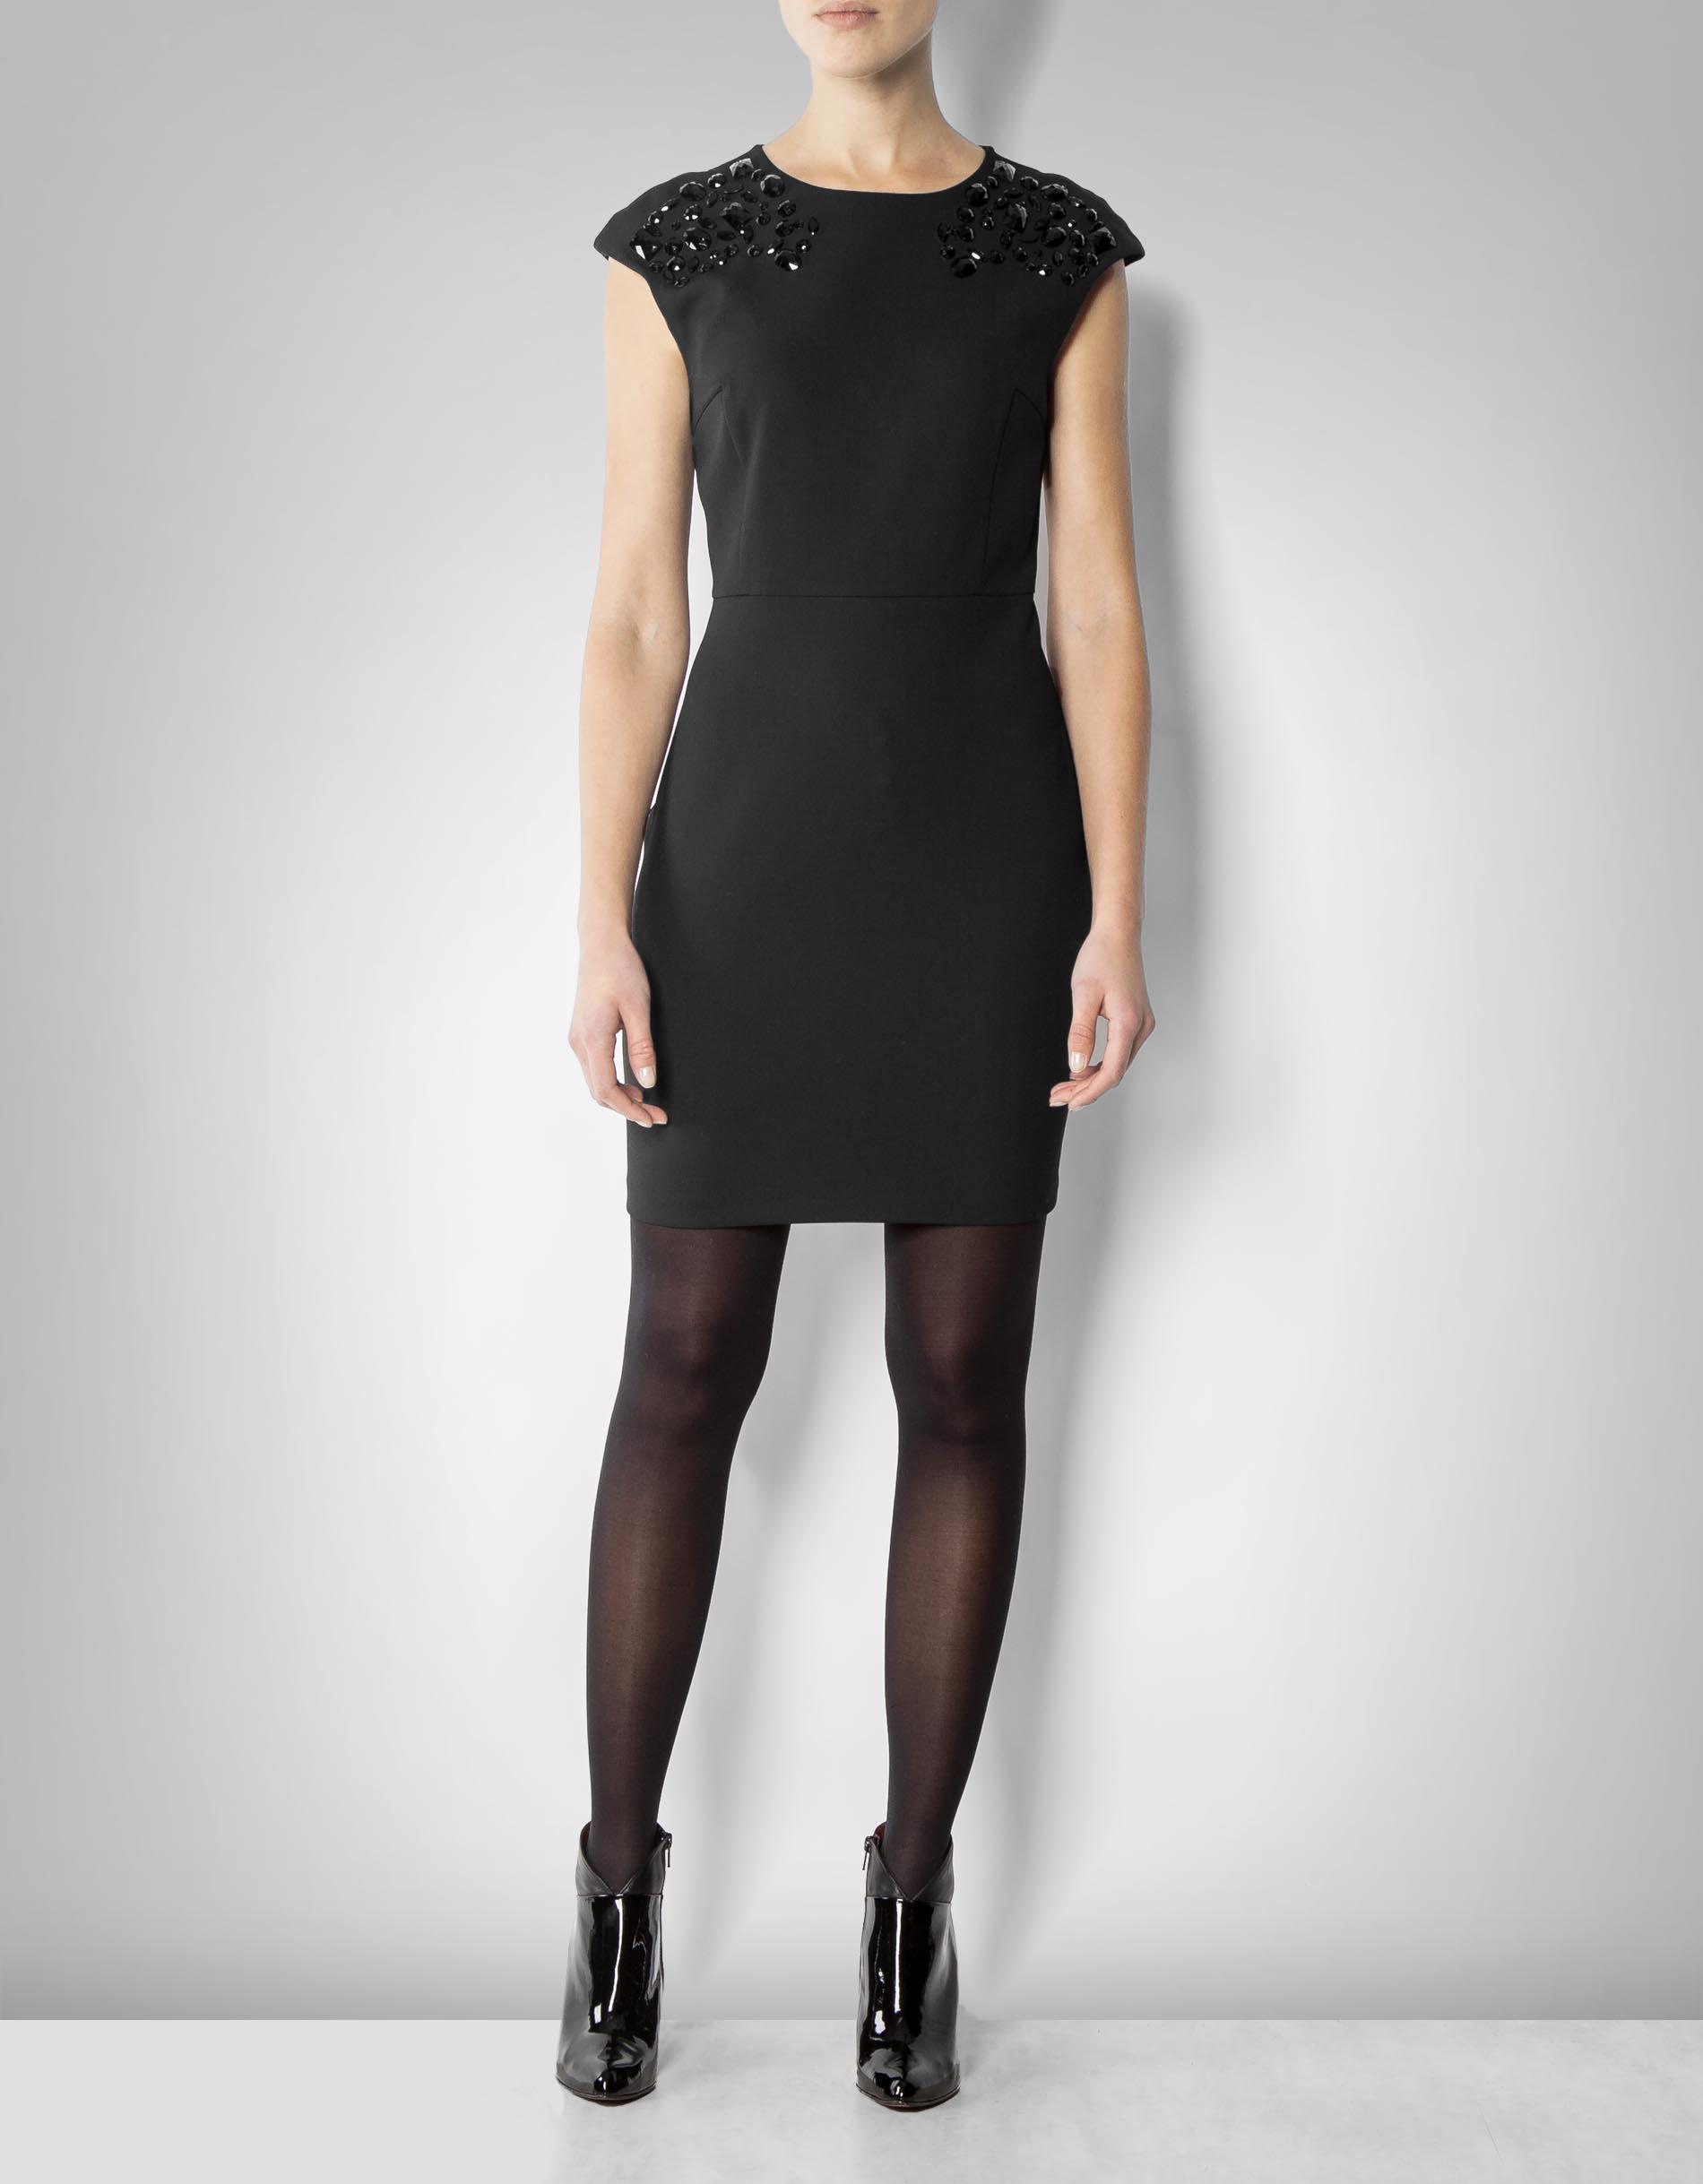 kookai damen kleid mit deko steinen empfohlen von deinen. Black Bedroom Furniture Sets. Home Design Ideas